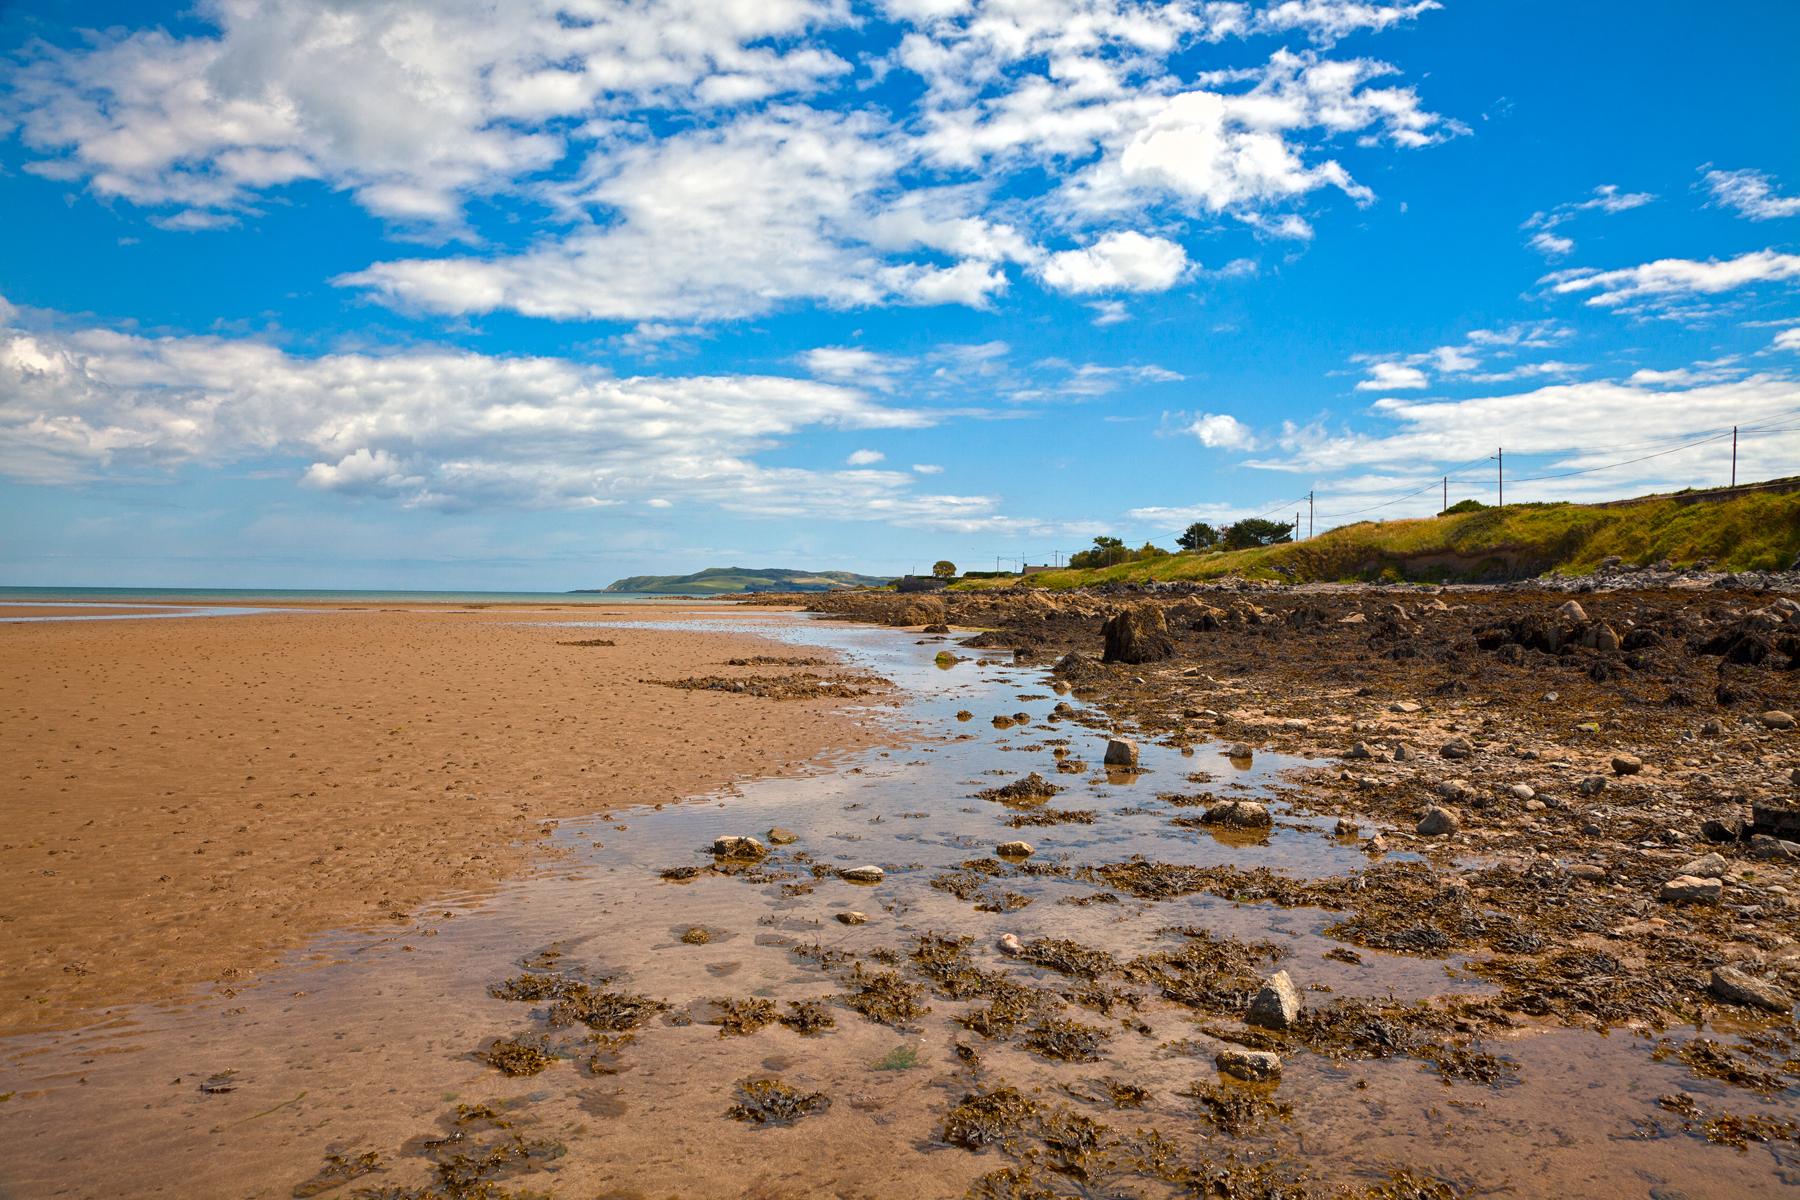 Malahide beach - hdr photo